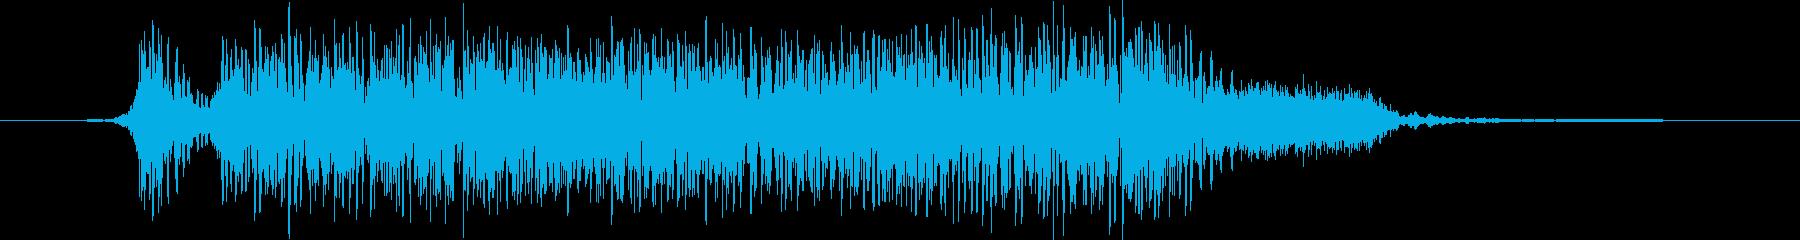 火炎放射器 ミディアムヘビーシングル01の再生済みの波形